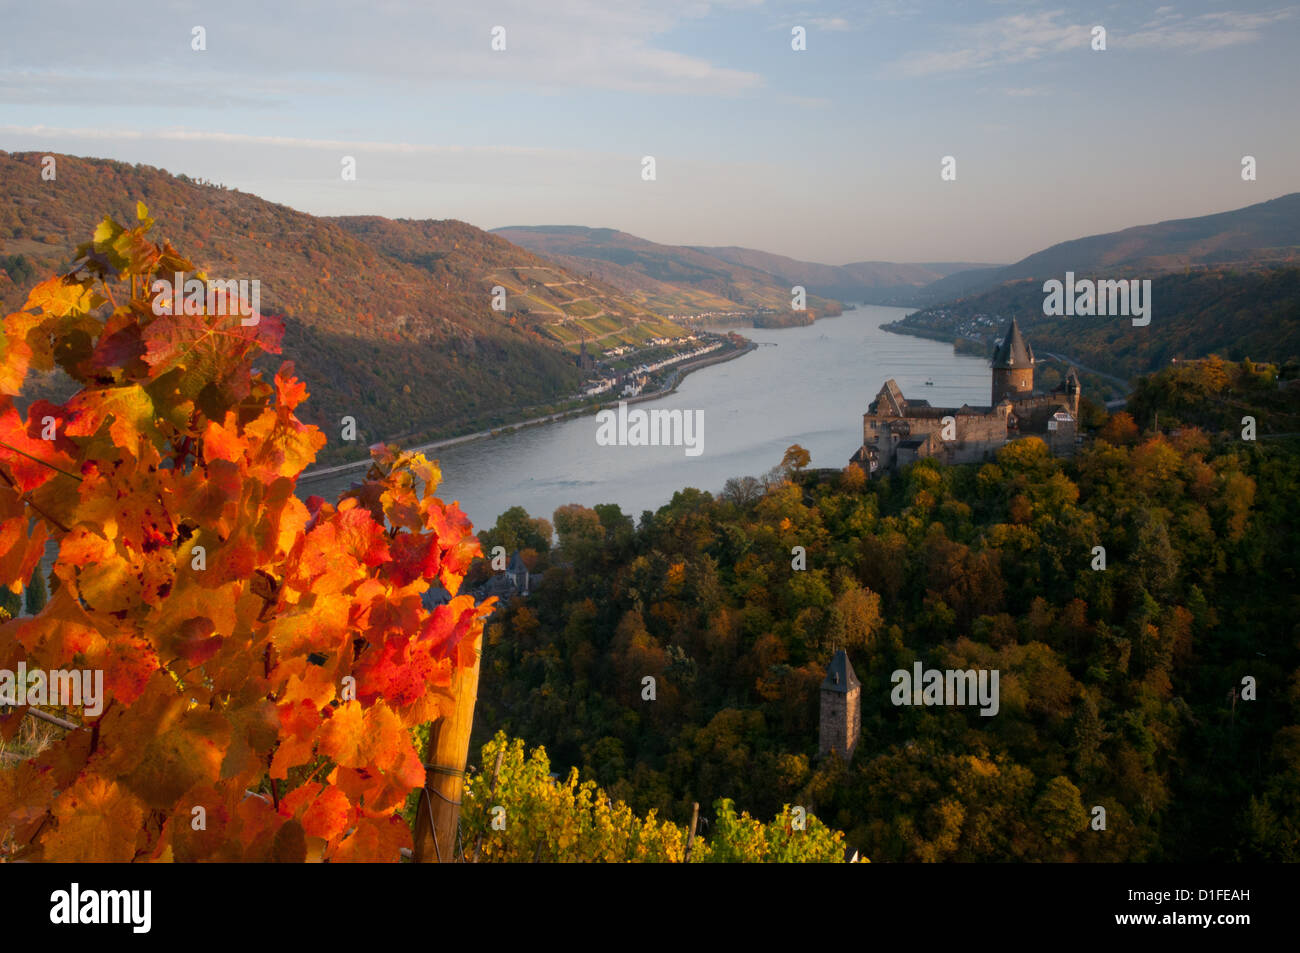 Autumn vines at Burg Stahleck Rhine castle, Bacharach, Rhineland, Germany - Stock Image